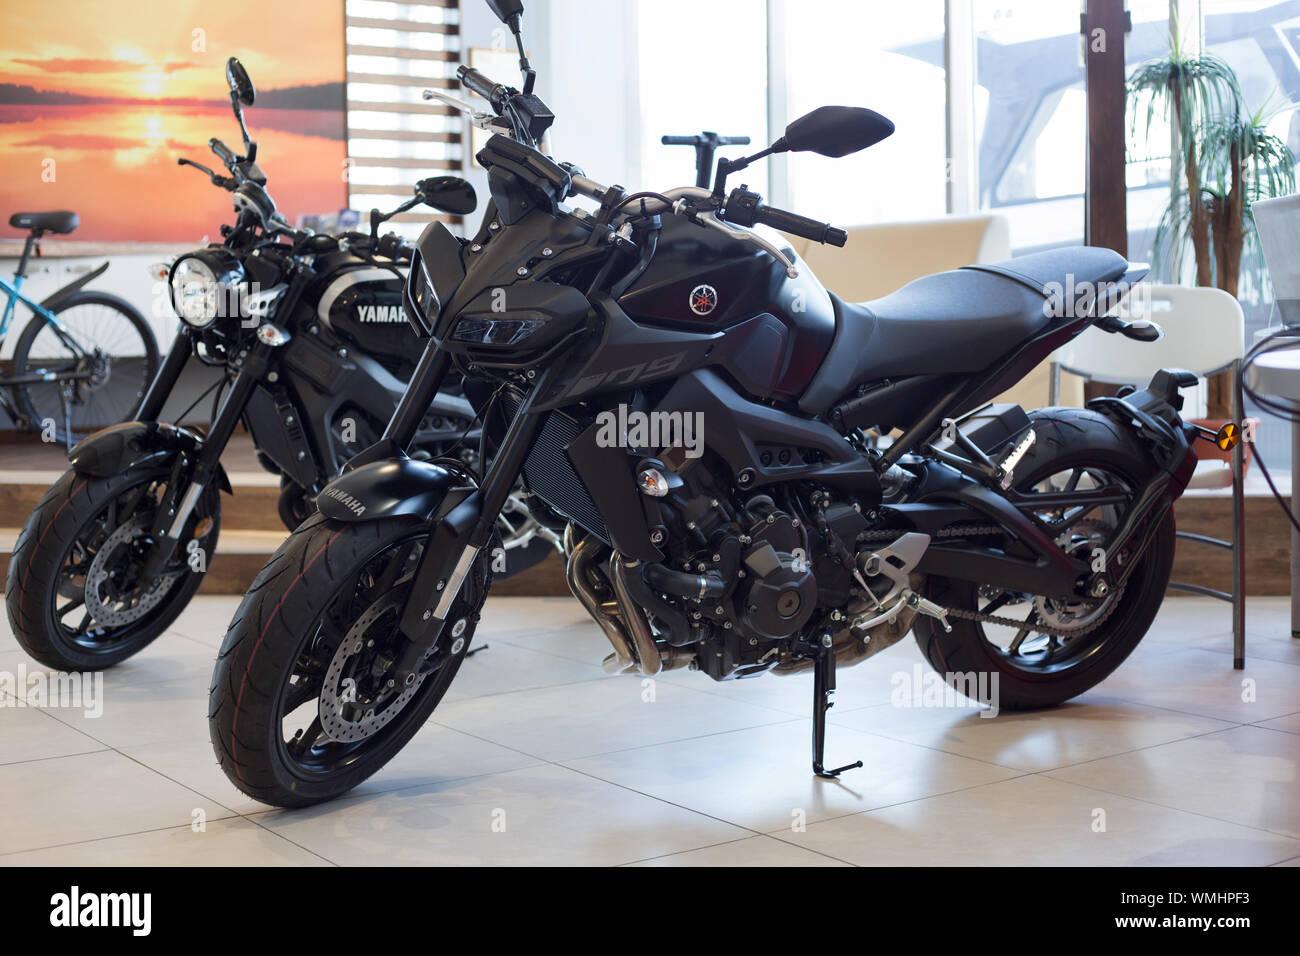 Rusia, Izhevsk - Agosto 23, 2019: motocicleta Yamaha shop. Nuevas motos y accesorios en la tienda de motocicleta. La famosa marca mundial. Foto de stock